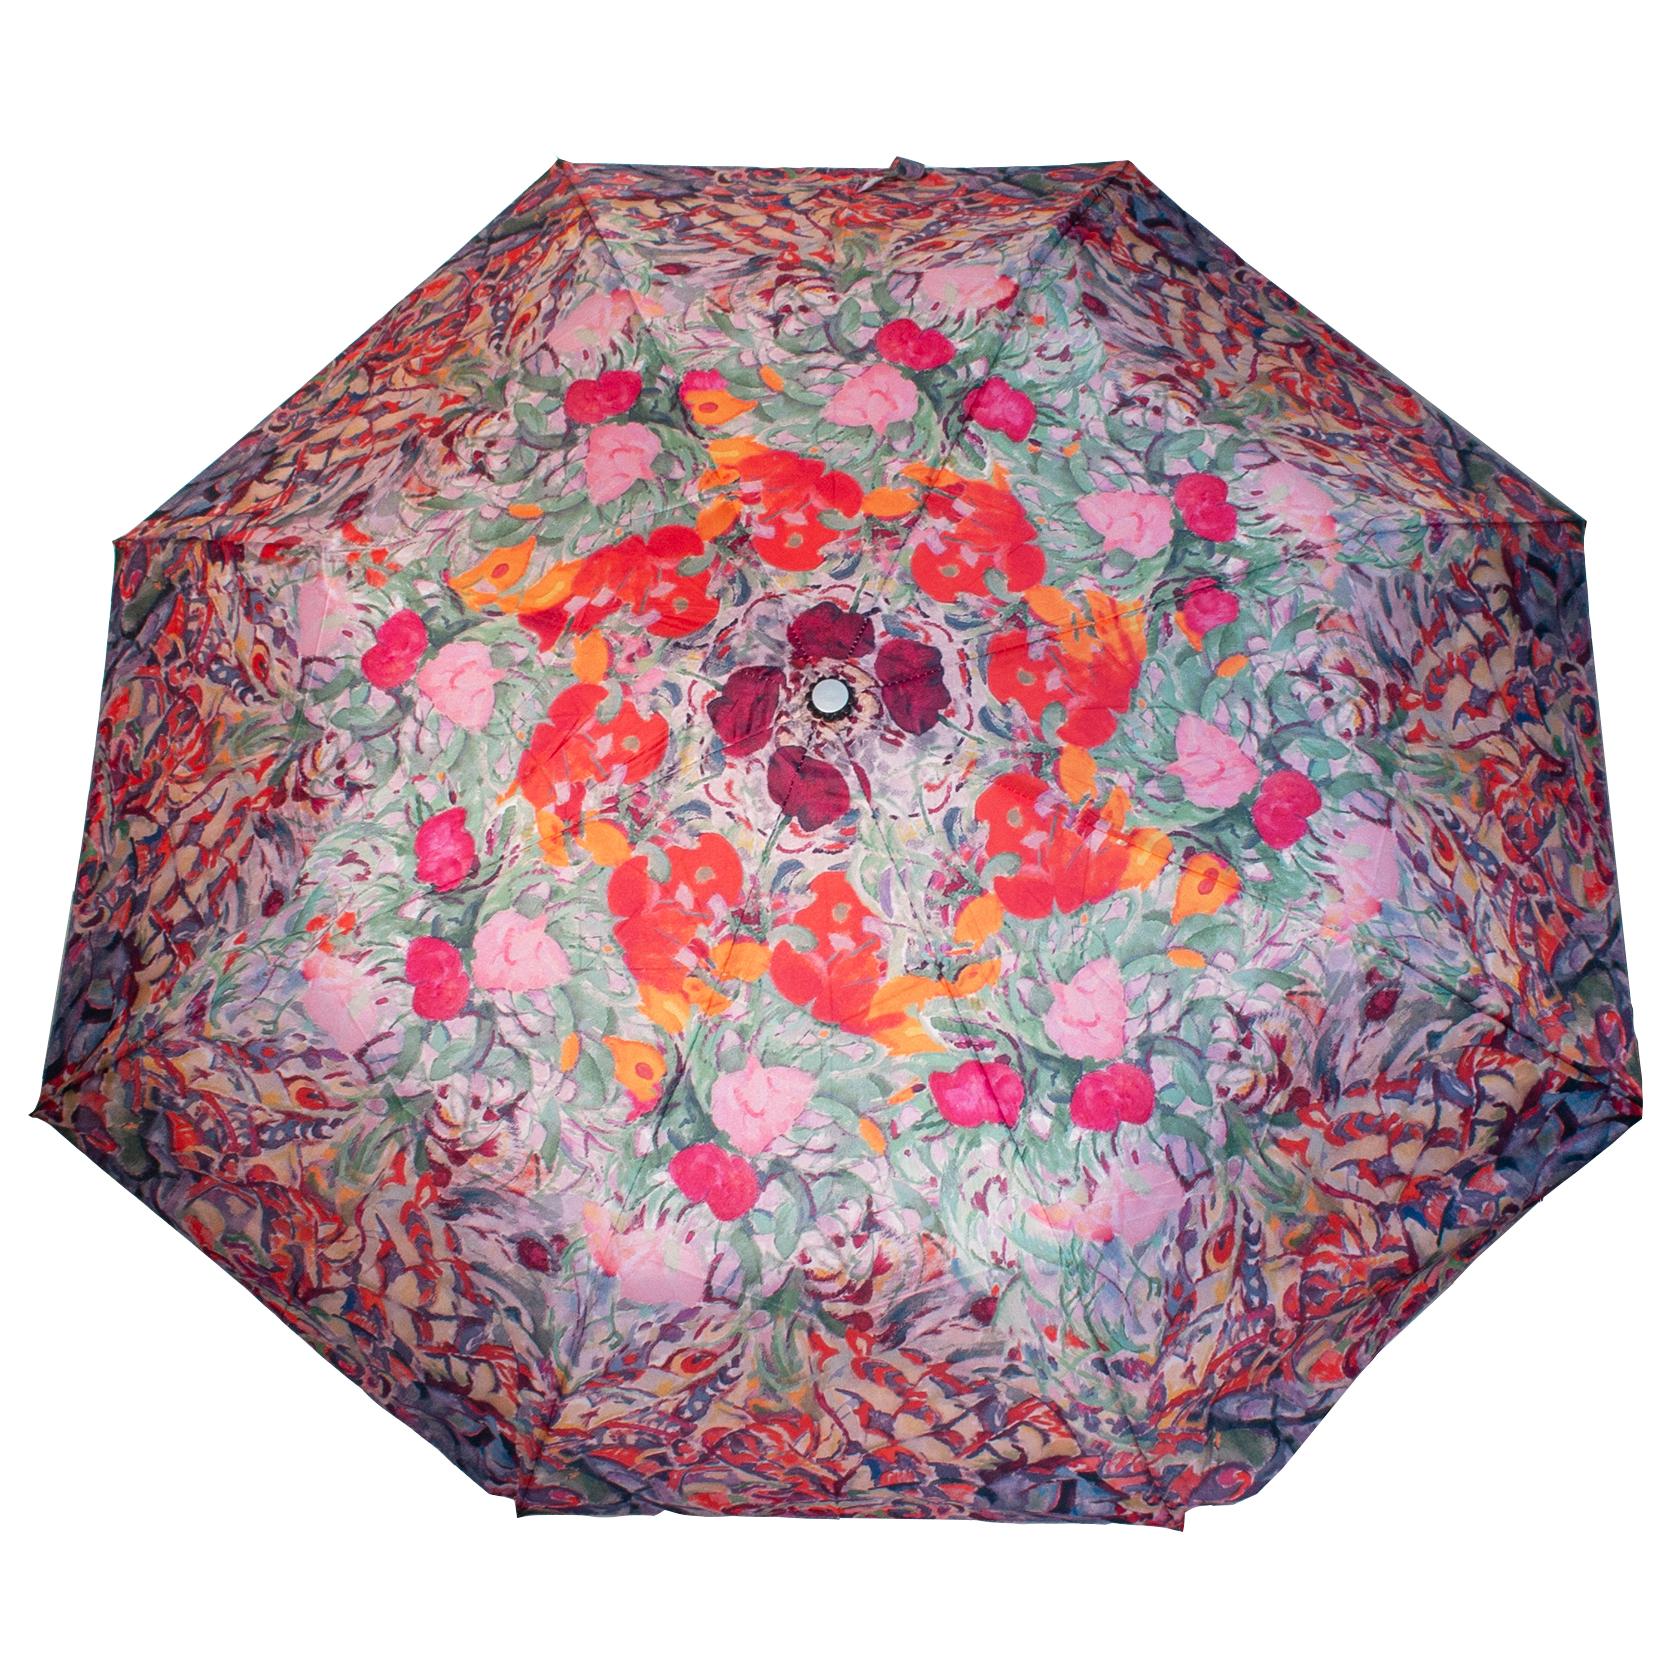 Paraplu, Gebloemde Lap, Leo Gestel, Singer Laren